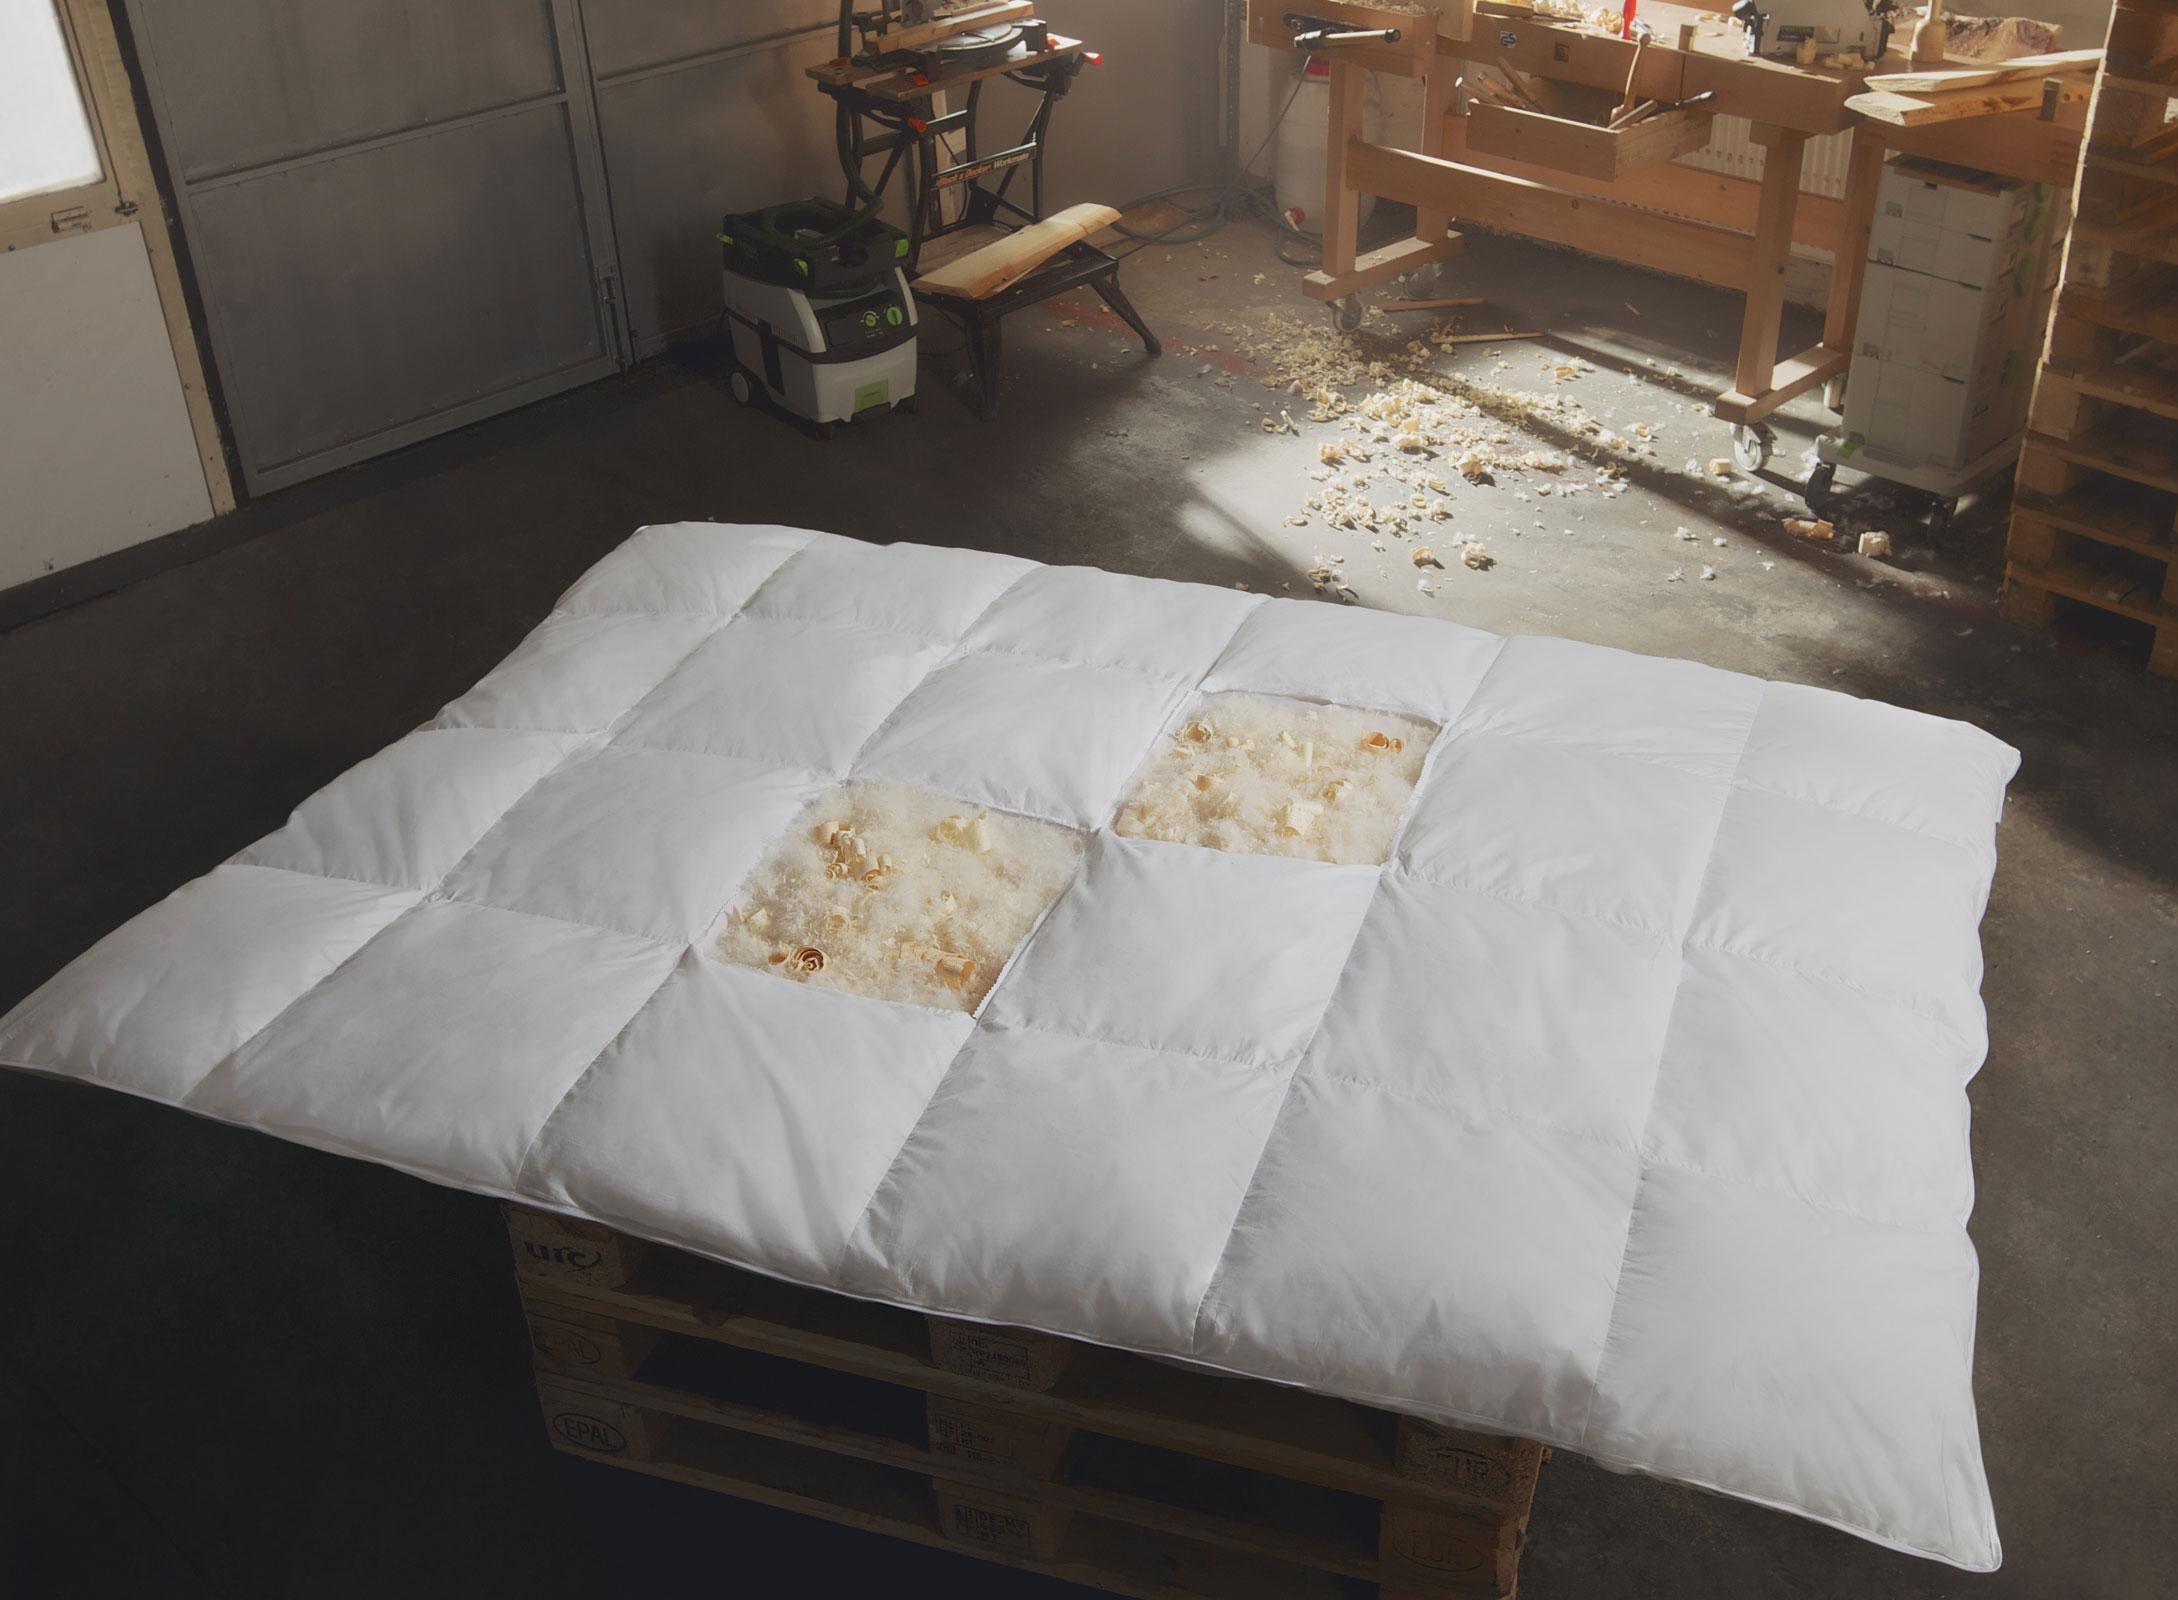 Bettdecken und Kopfkissen - Zirben Daunen Bettdecke Ganzjahresbett leicht 135x200 Hermetic® Zirbe  - Onlineshop PremiumShop321